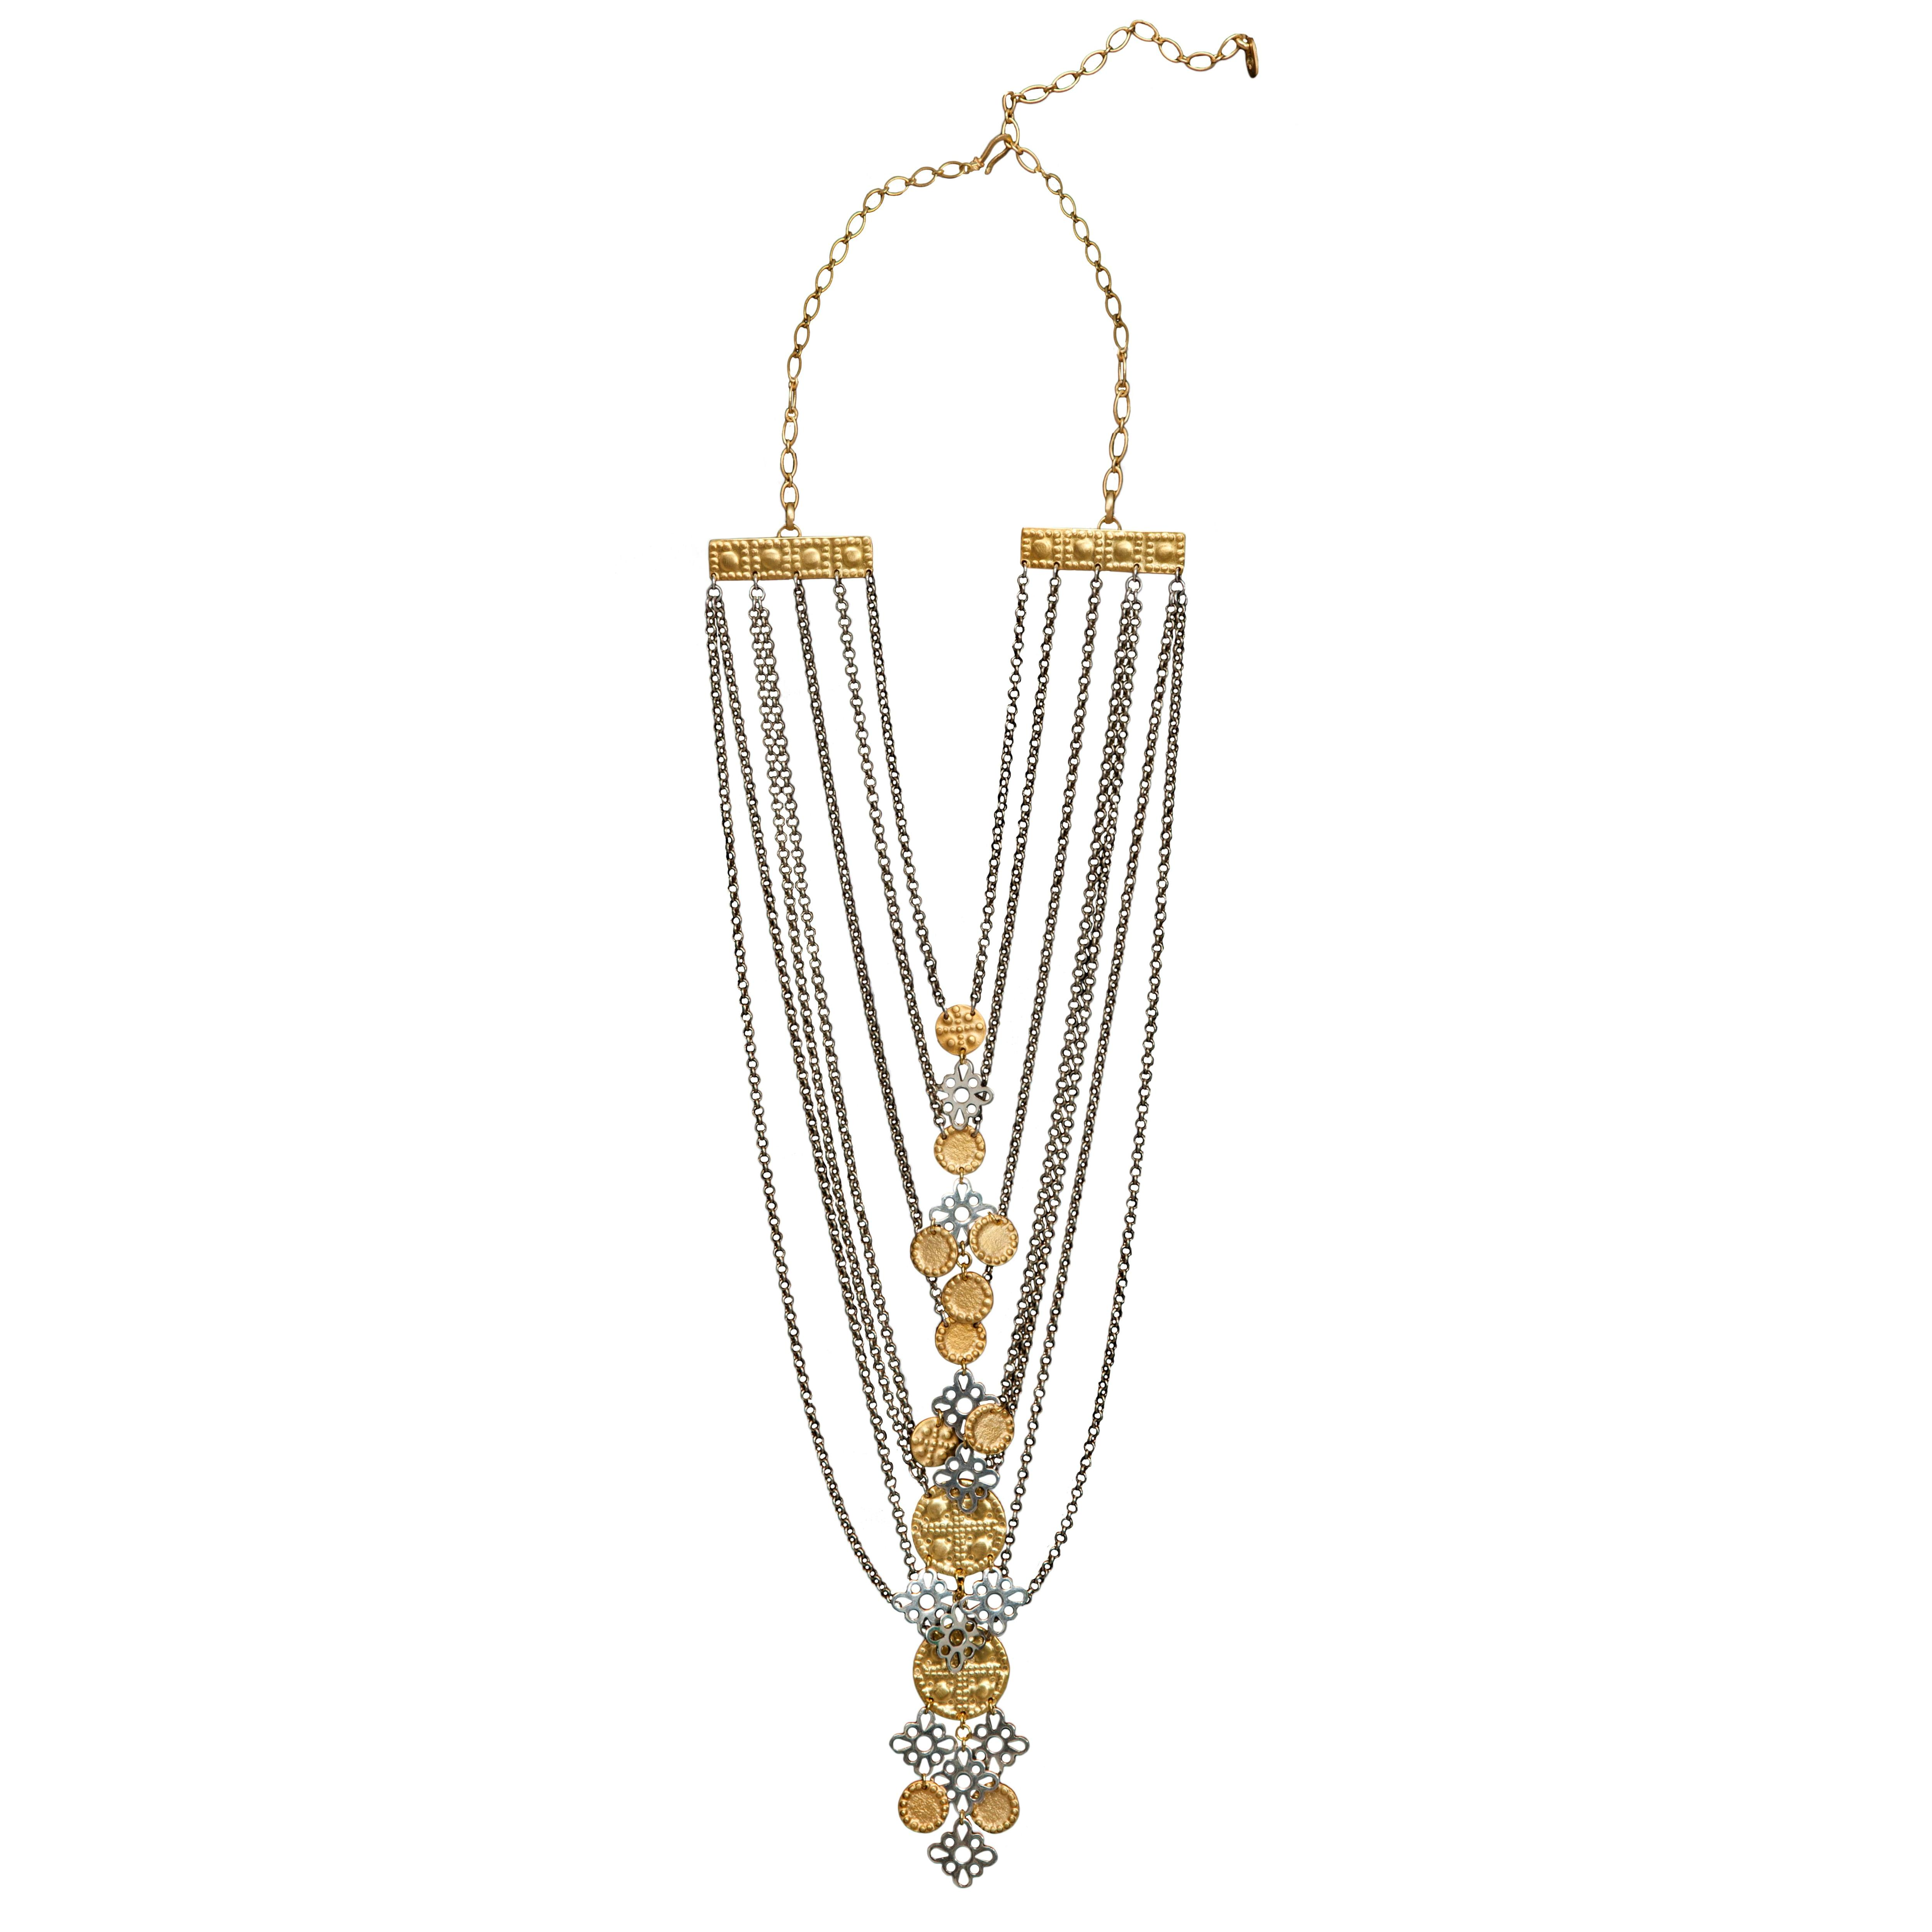 Ασυνήθιστα κοσμήματα σαν παλιός θησαυρός  79de557b921